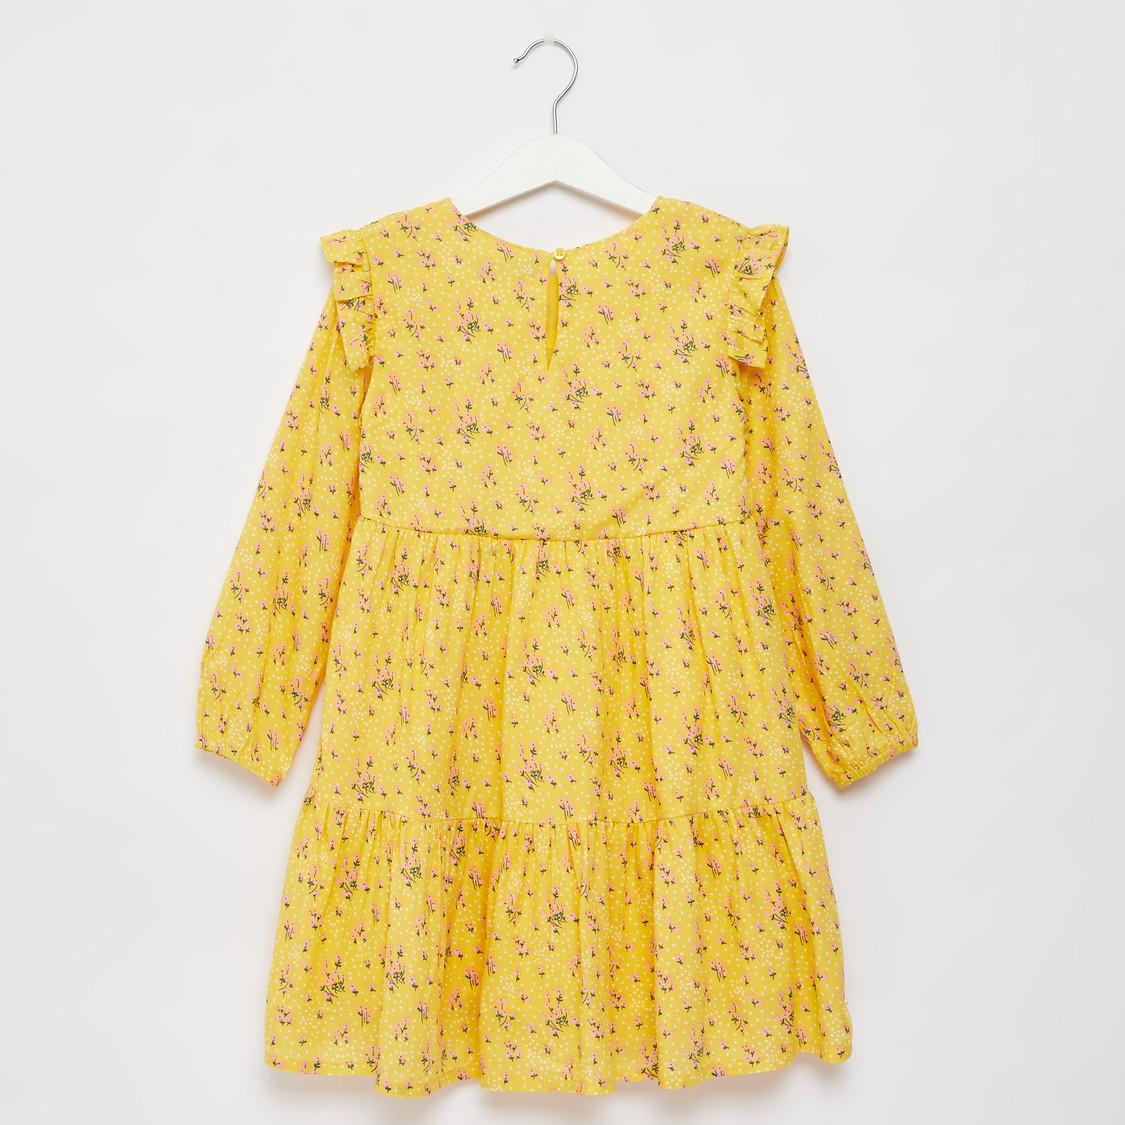 فستان ميدي متعدد الطبقات بأكمام طويلة وتفاصيل كشكش وطبعات أزهار